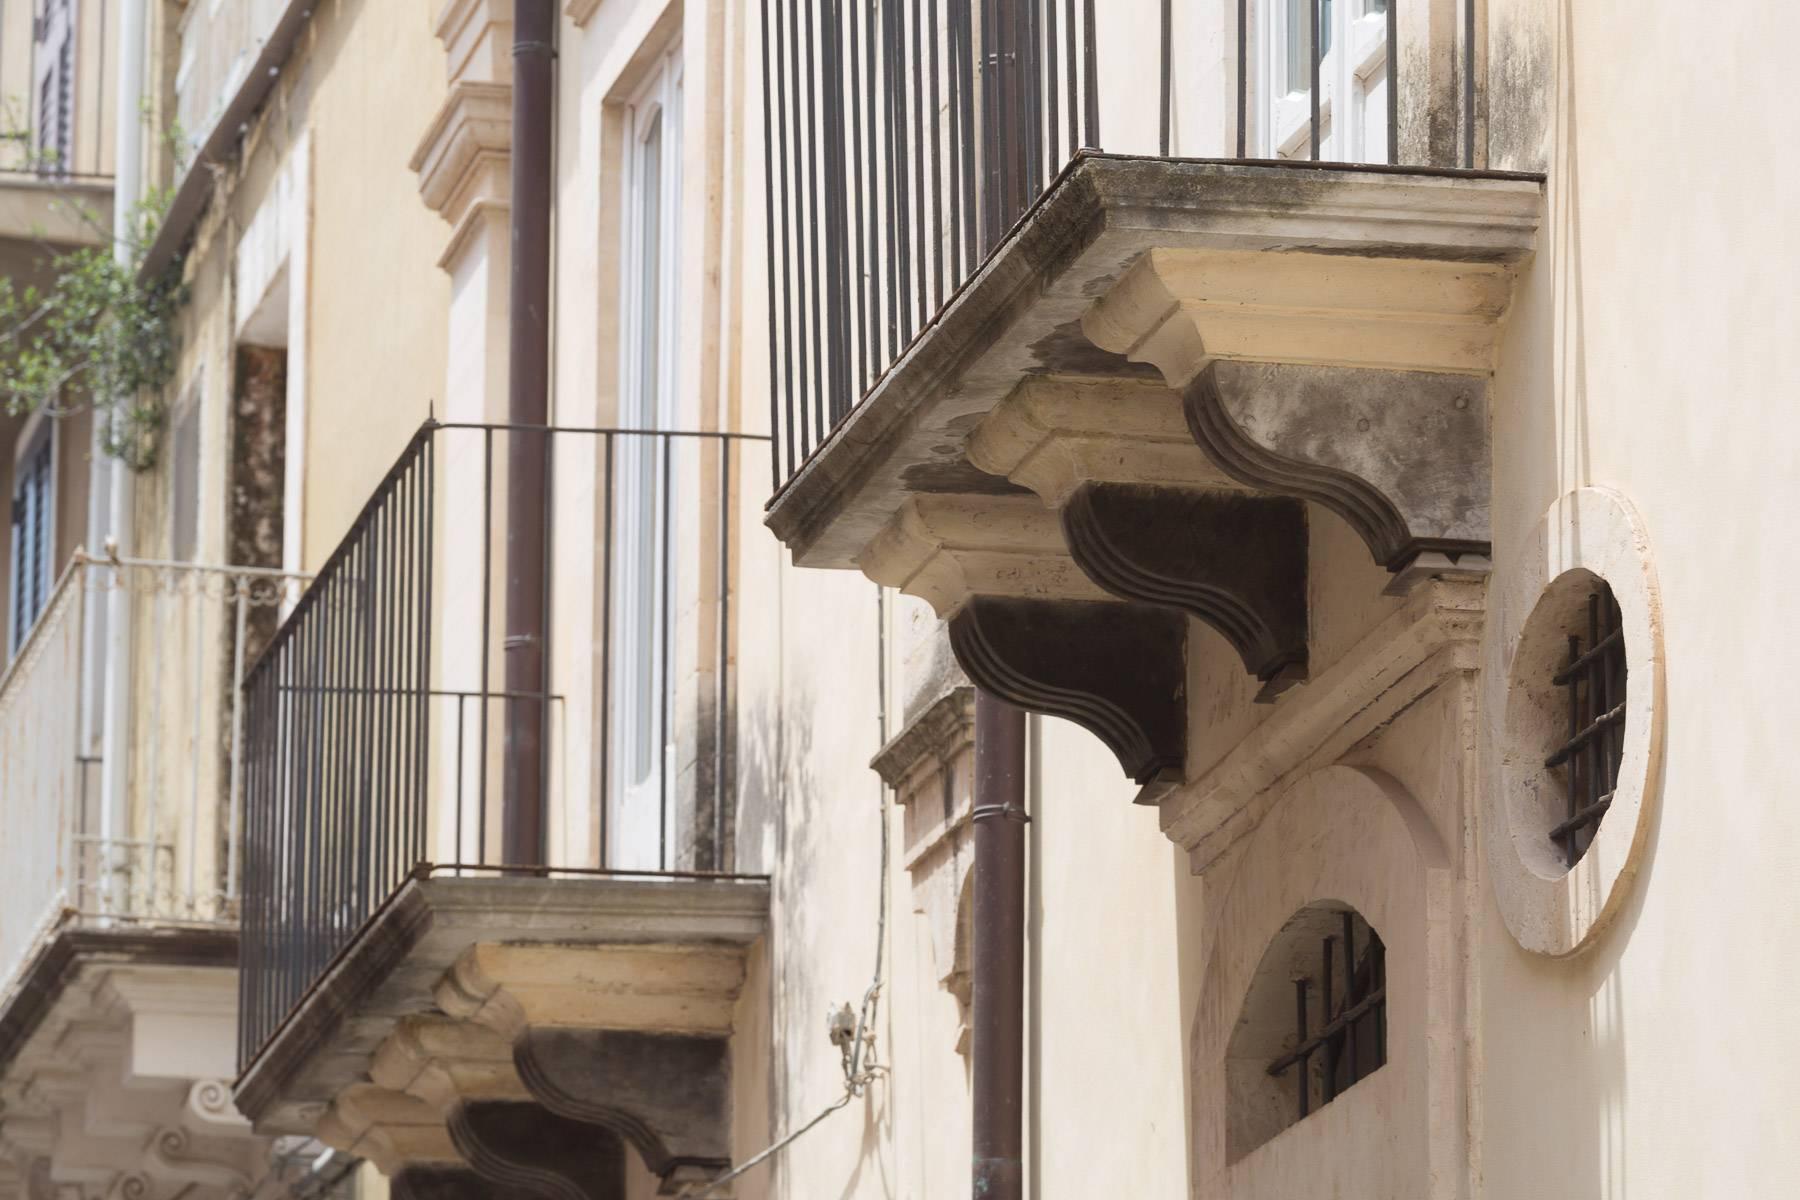 Casa indipendente in Vendita a Ragusa: 5 locali, 200 mq - Foto 19